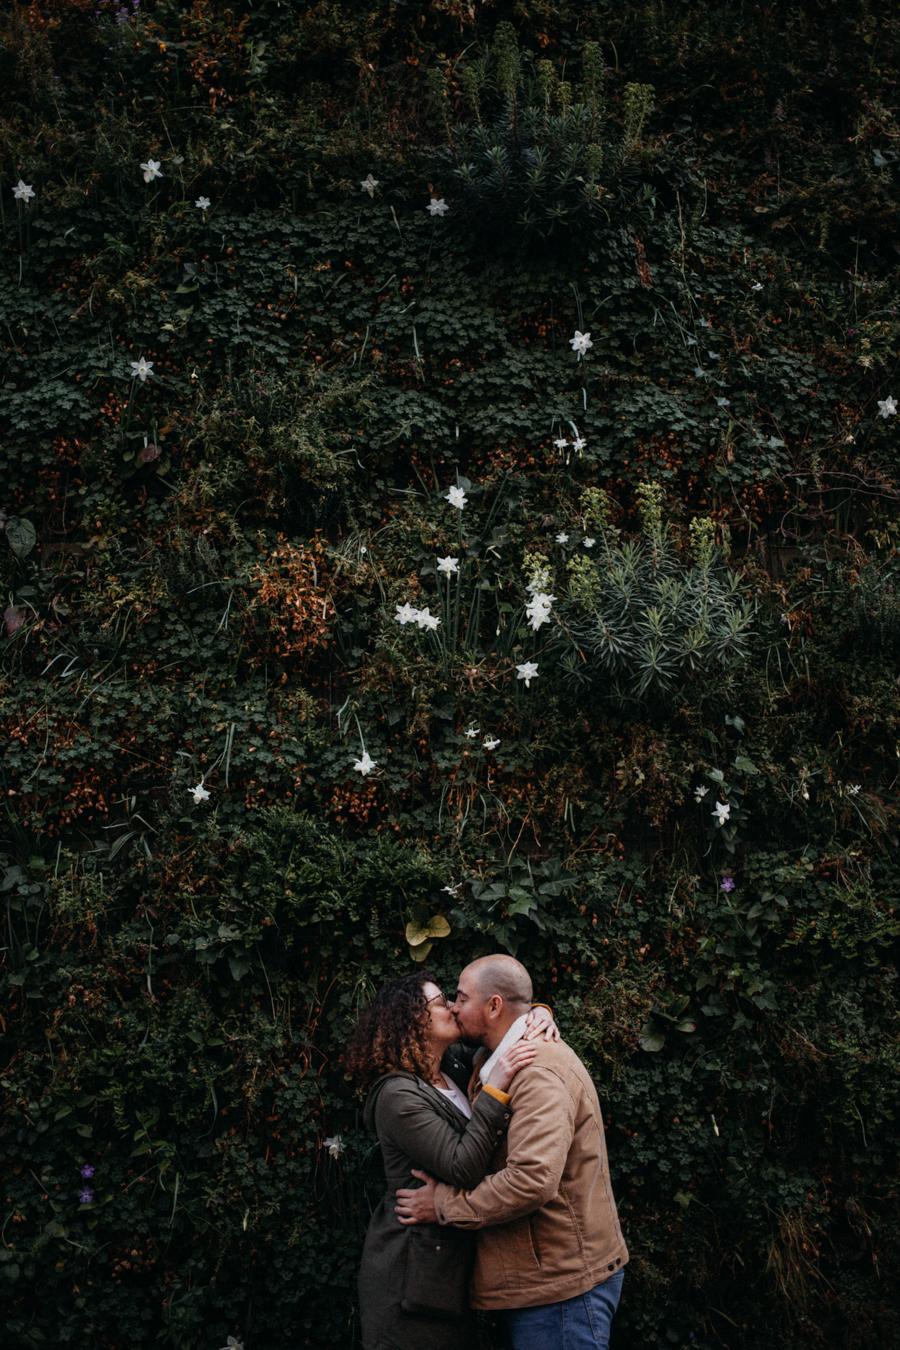 photographe love session engagement mariage couple amour Lyon soleil tag la croix rousse-16